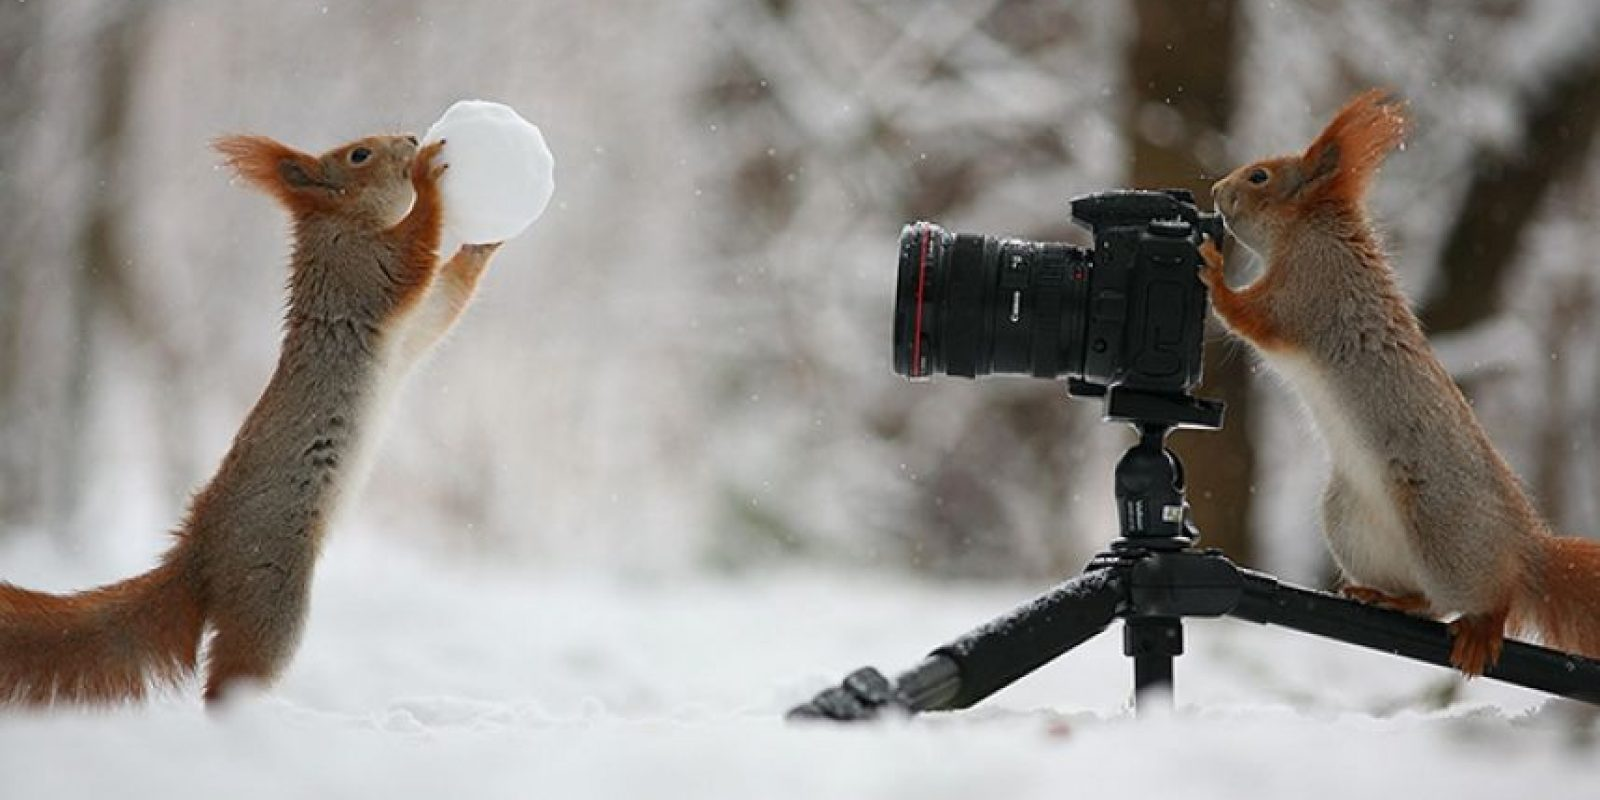 Foto:Valdim Trunov